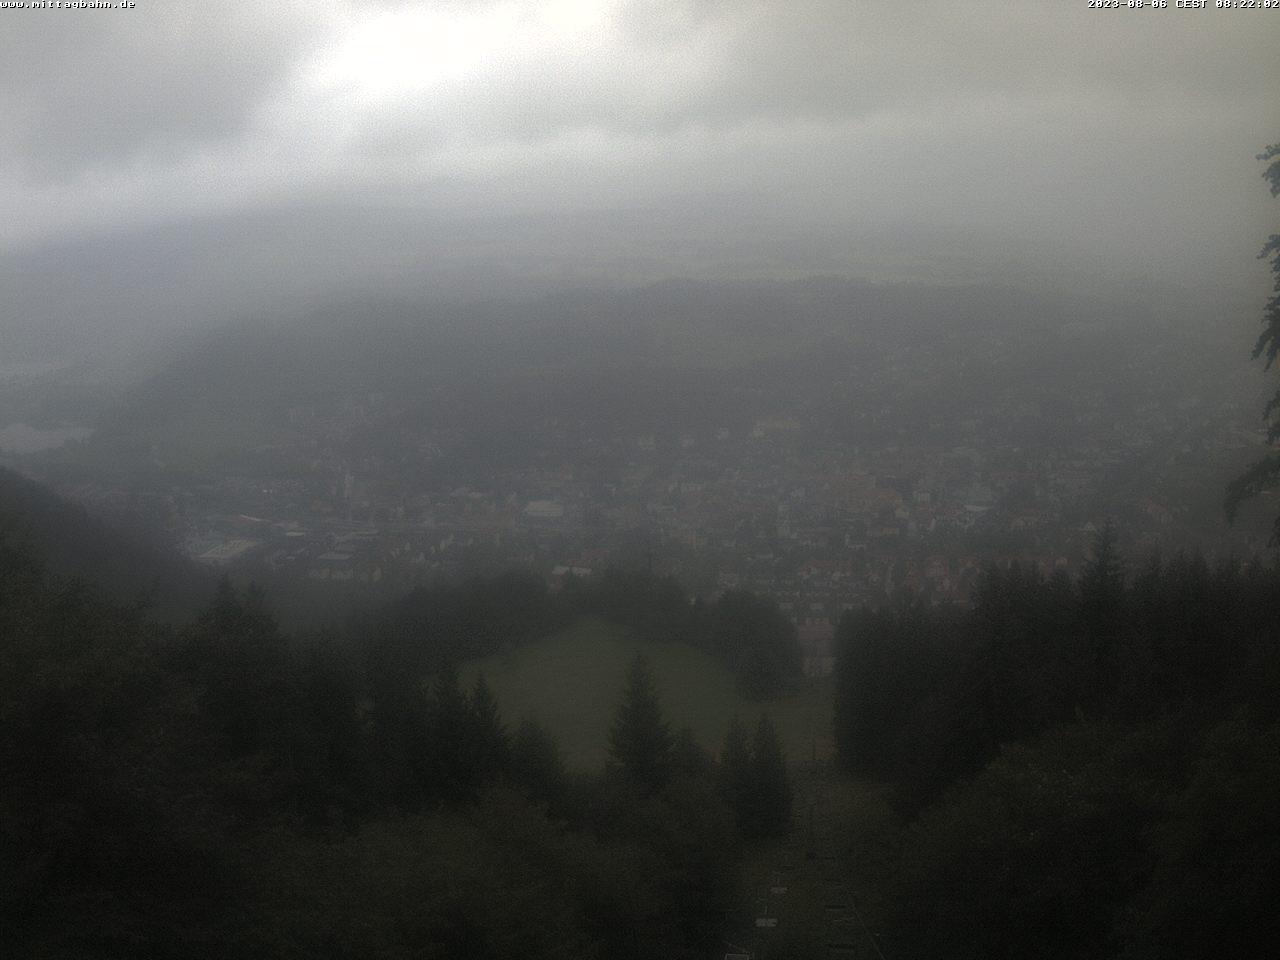 Webcam Ski Resort Immenstadt - Mittag von der Mittelstation - Bavaria Alps - Allg�u